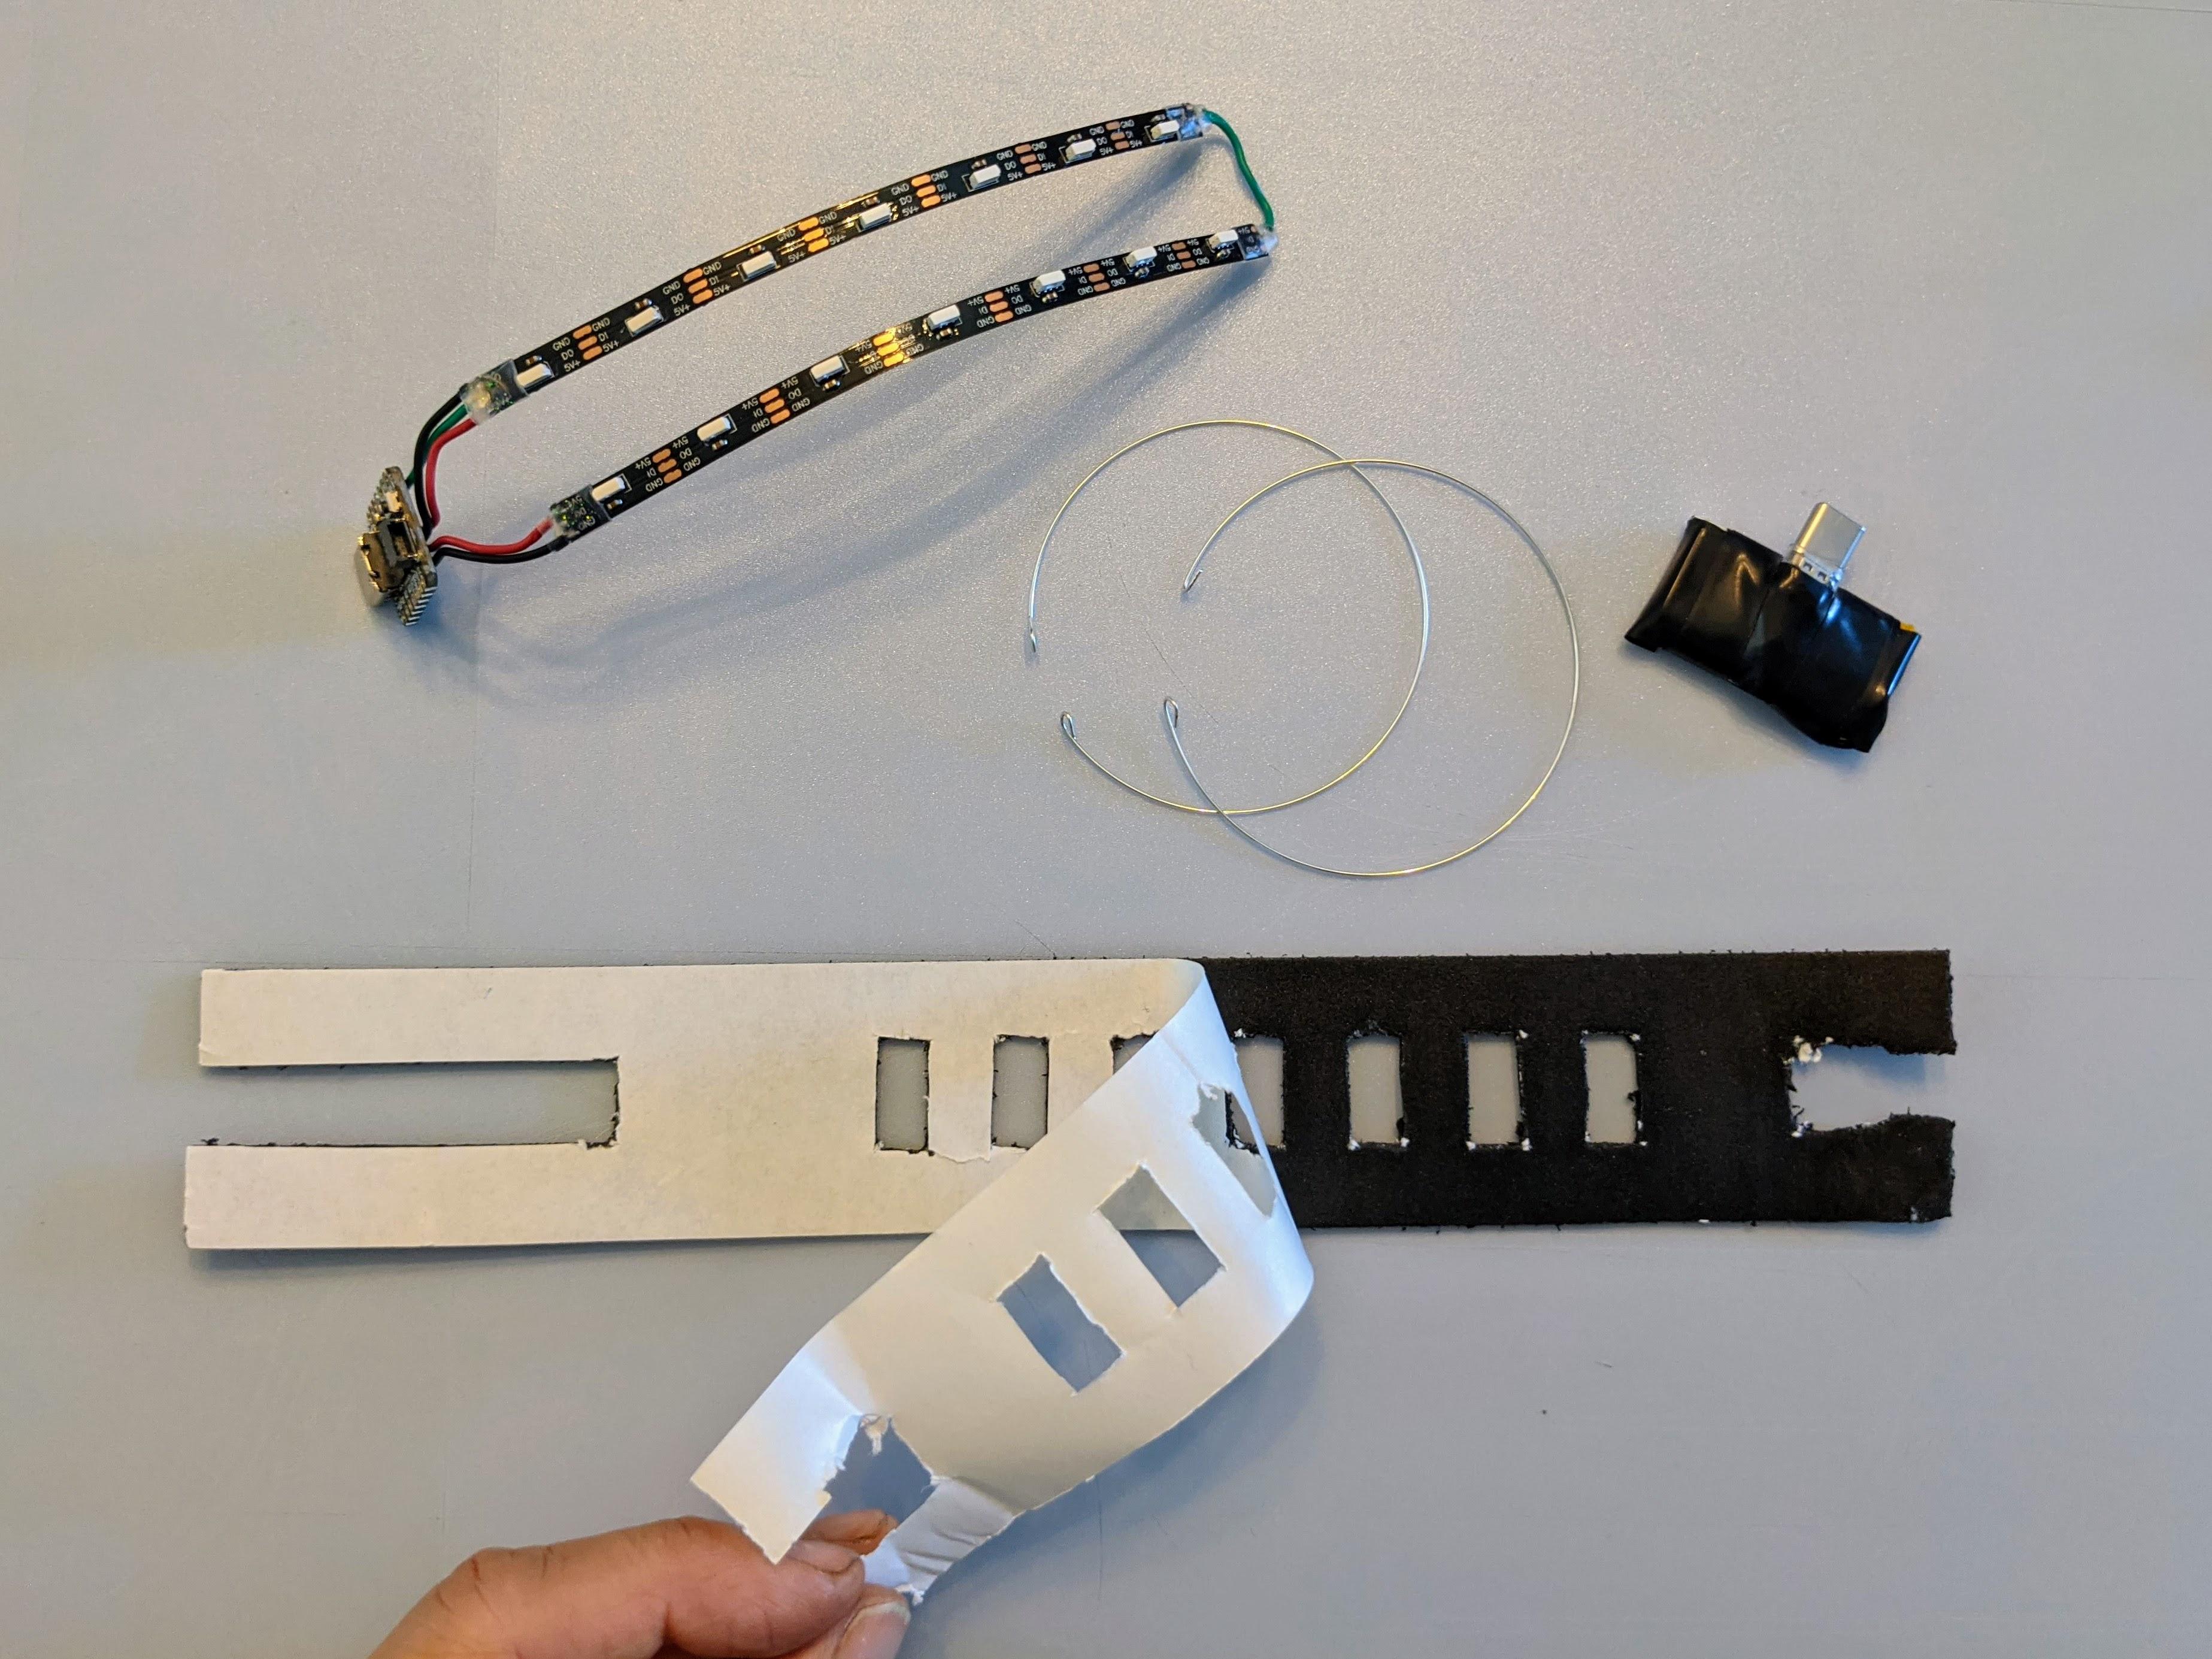 led_strips_PXL_20201013_211432120.jpg